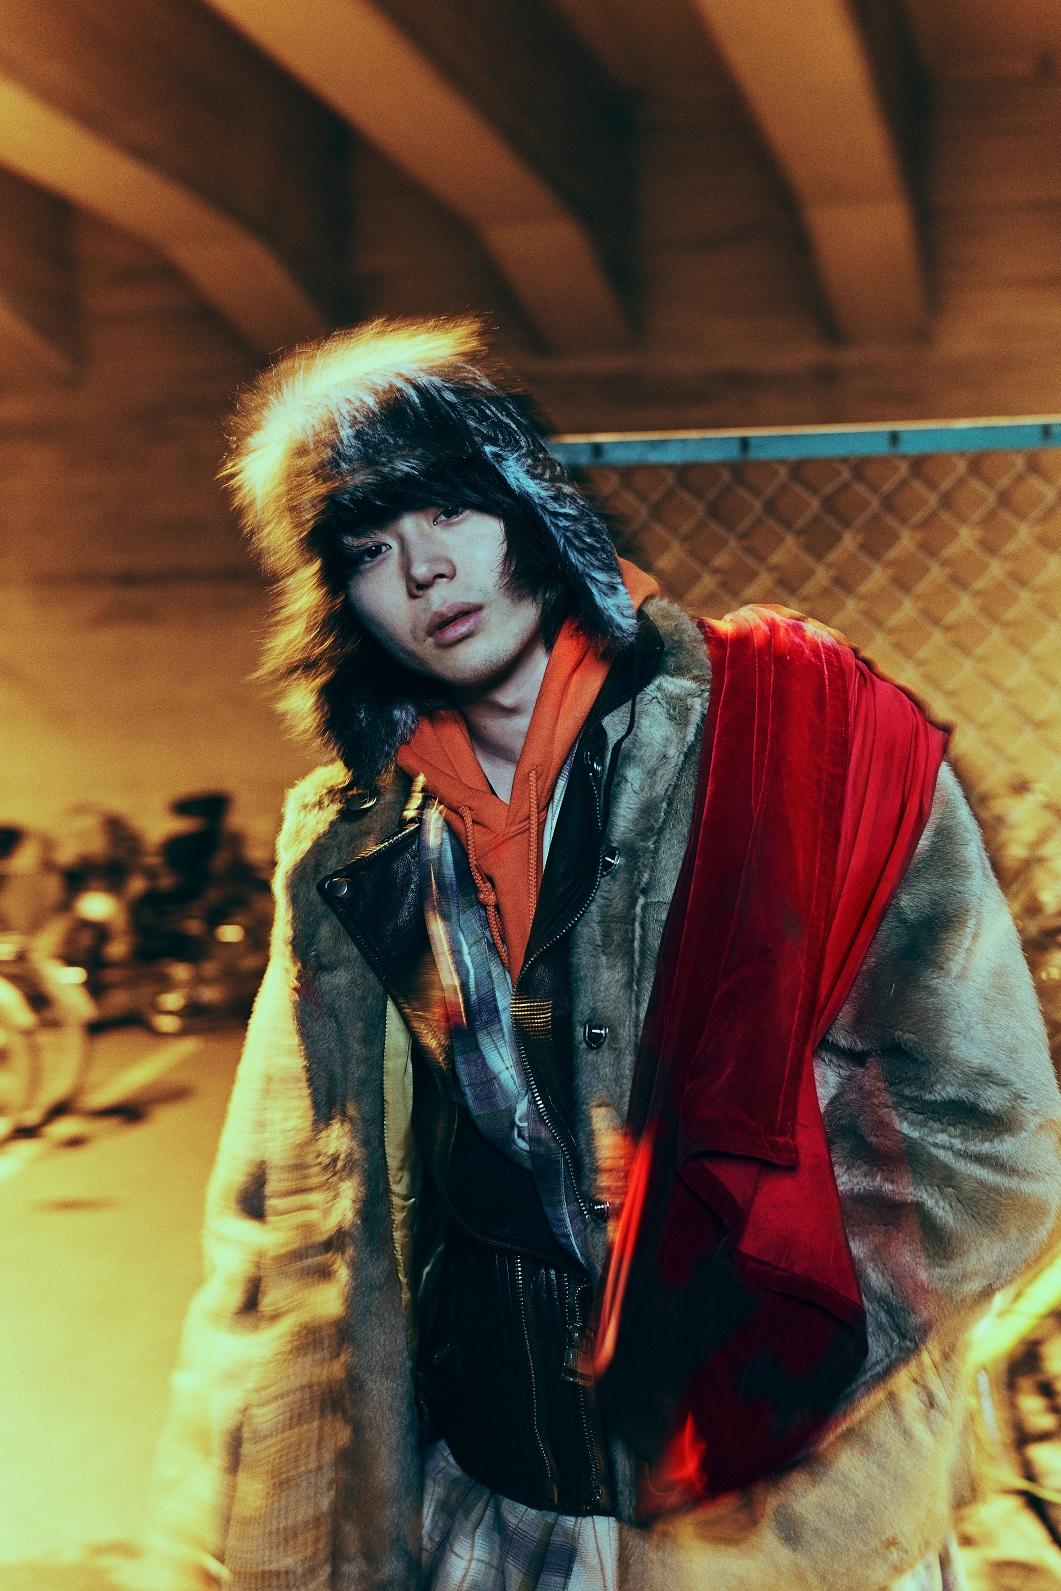 菅田将暉、共演者・山崎賢人からドラマの食事会に誘われれなかったとこぼす「待ってたんですけど」サムネイル画像